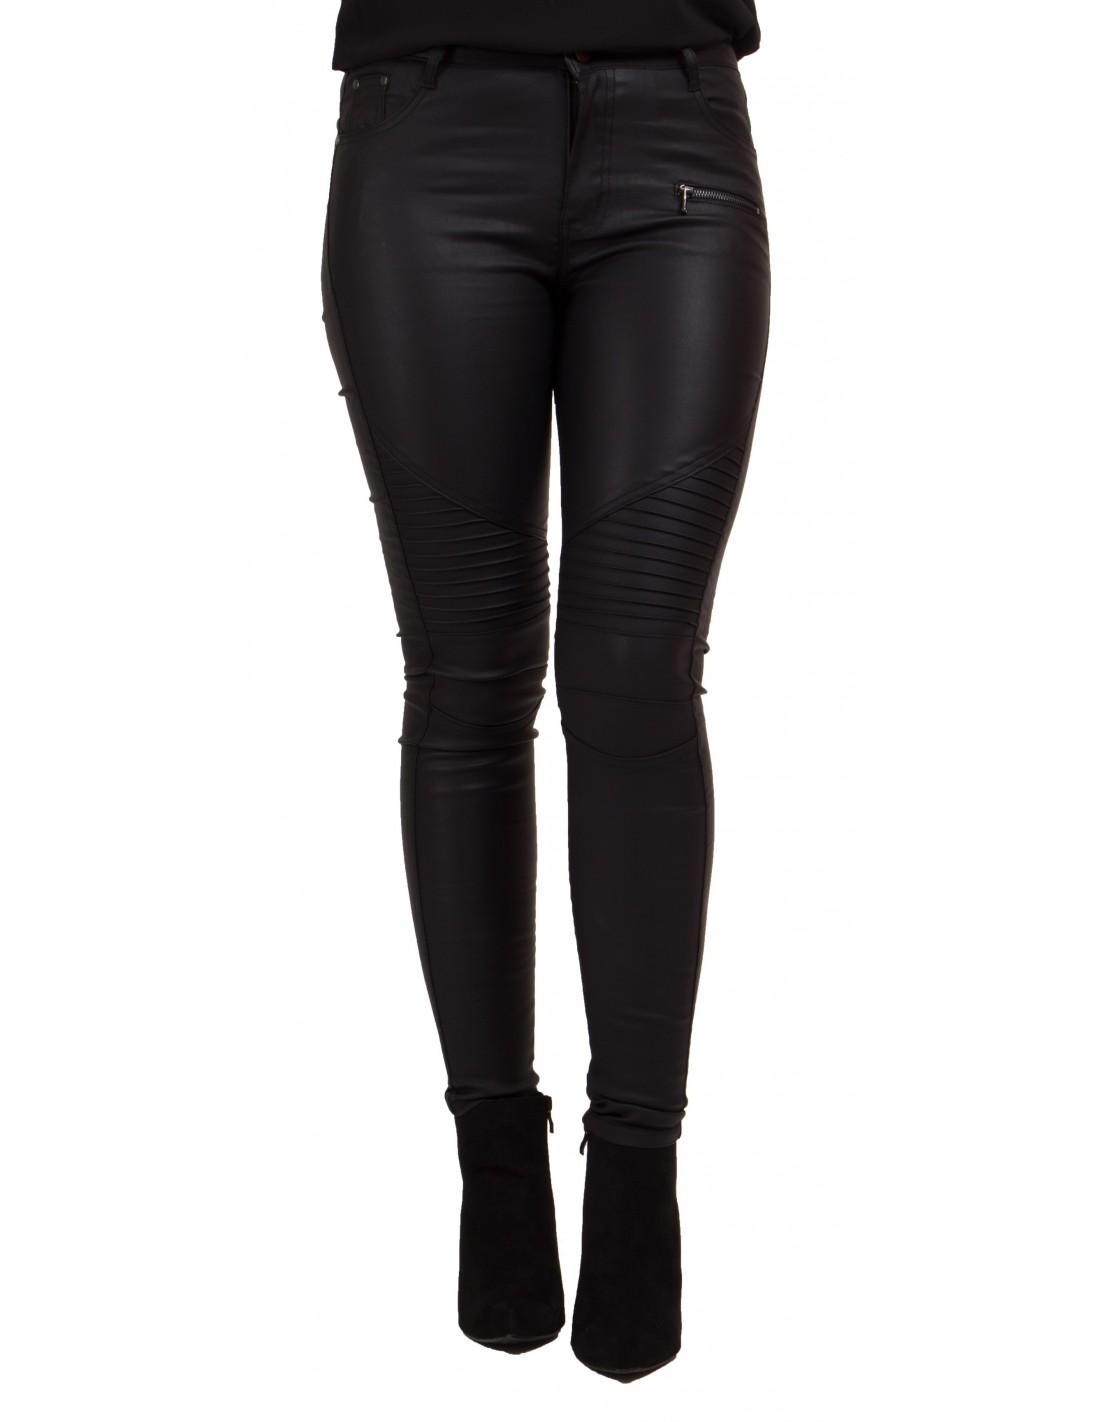 jean enduit noir coupe slim pour femme enduit stretch. Black Bedroom Furniture Sets. Home Design Ideas